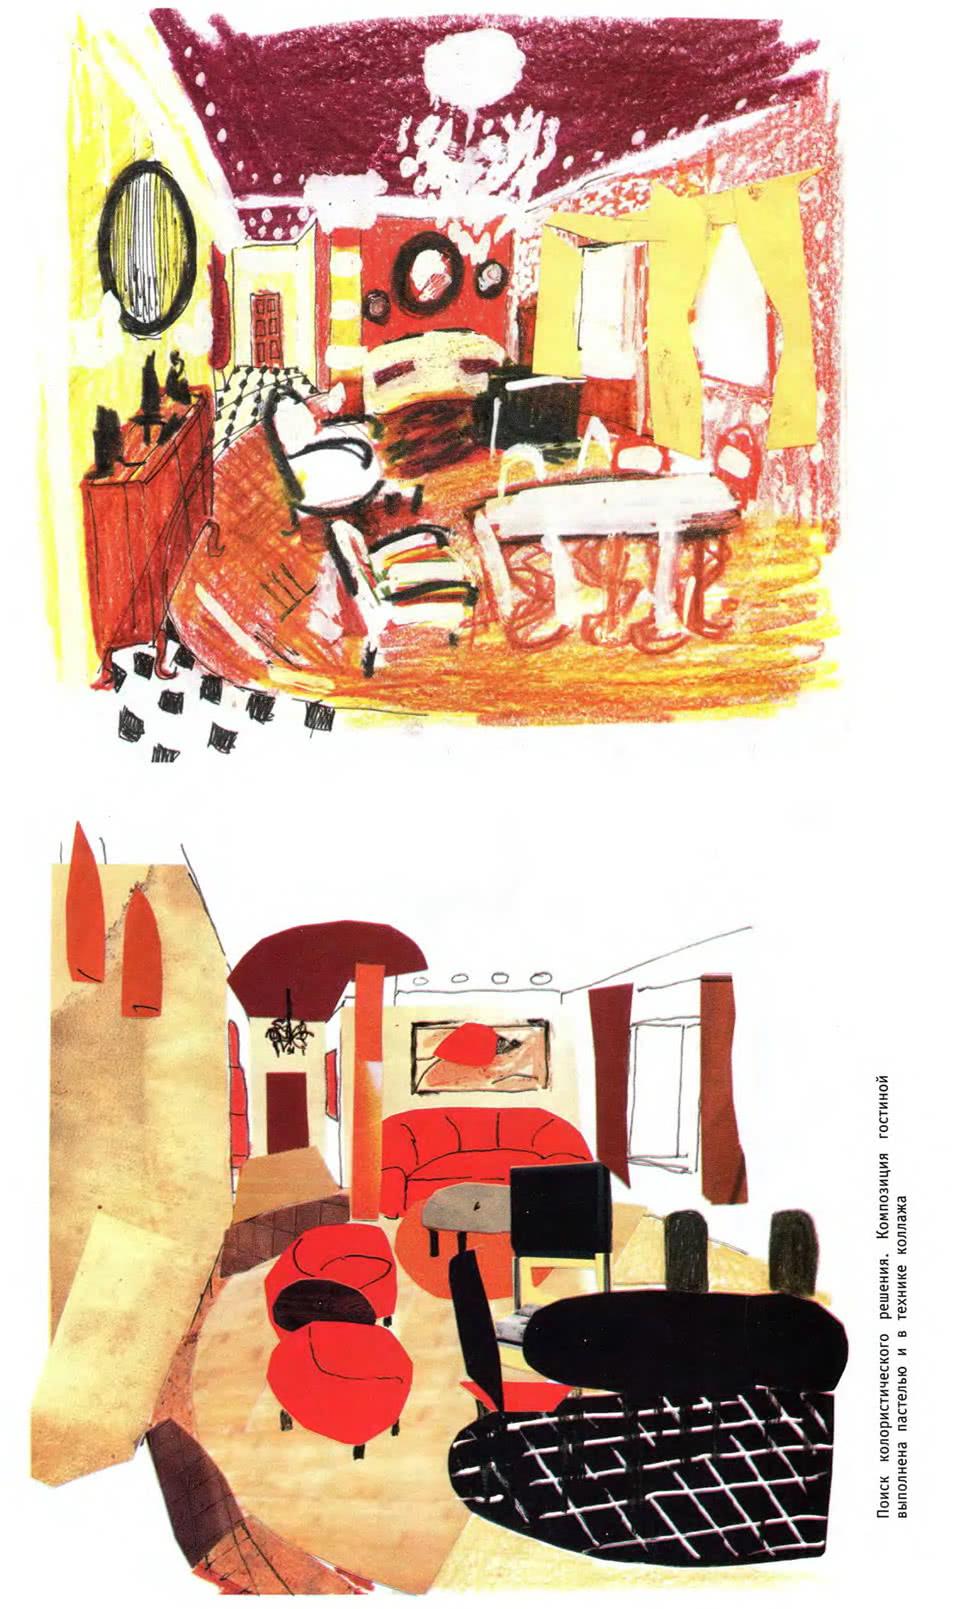 Поиск колористического решения. Композиция гостиной выполнена пастелью и в технике коллажа